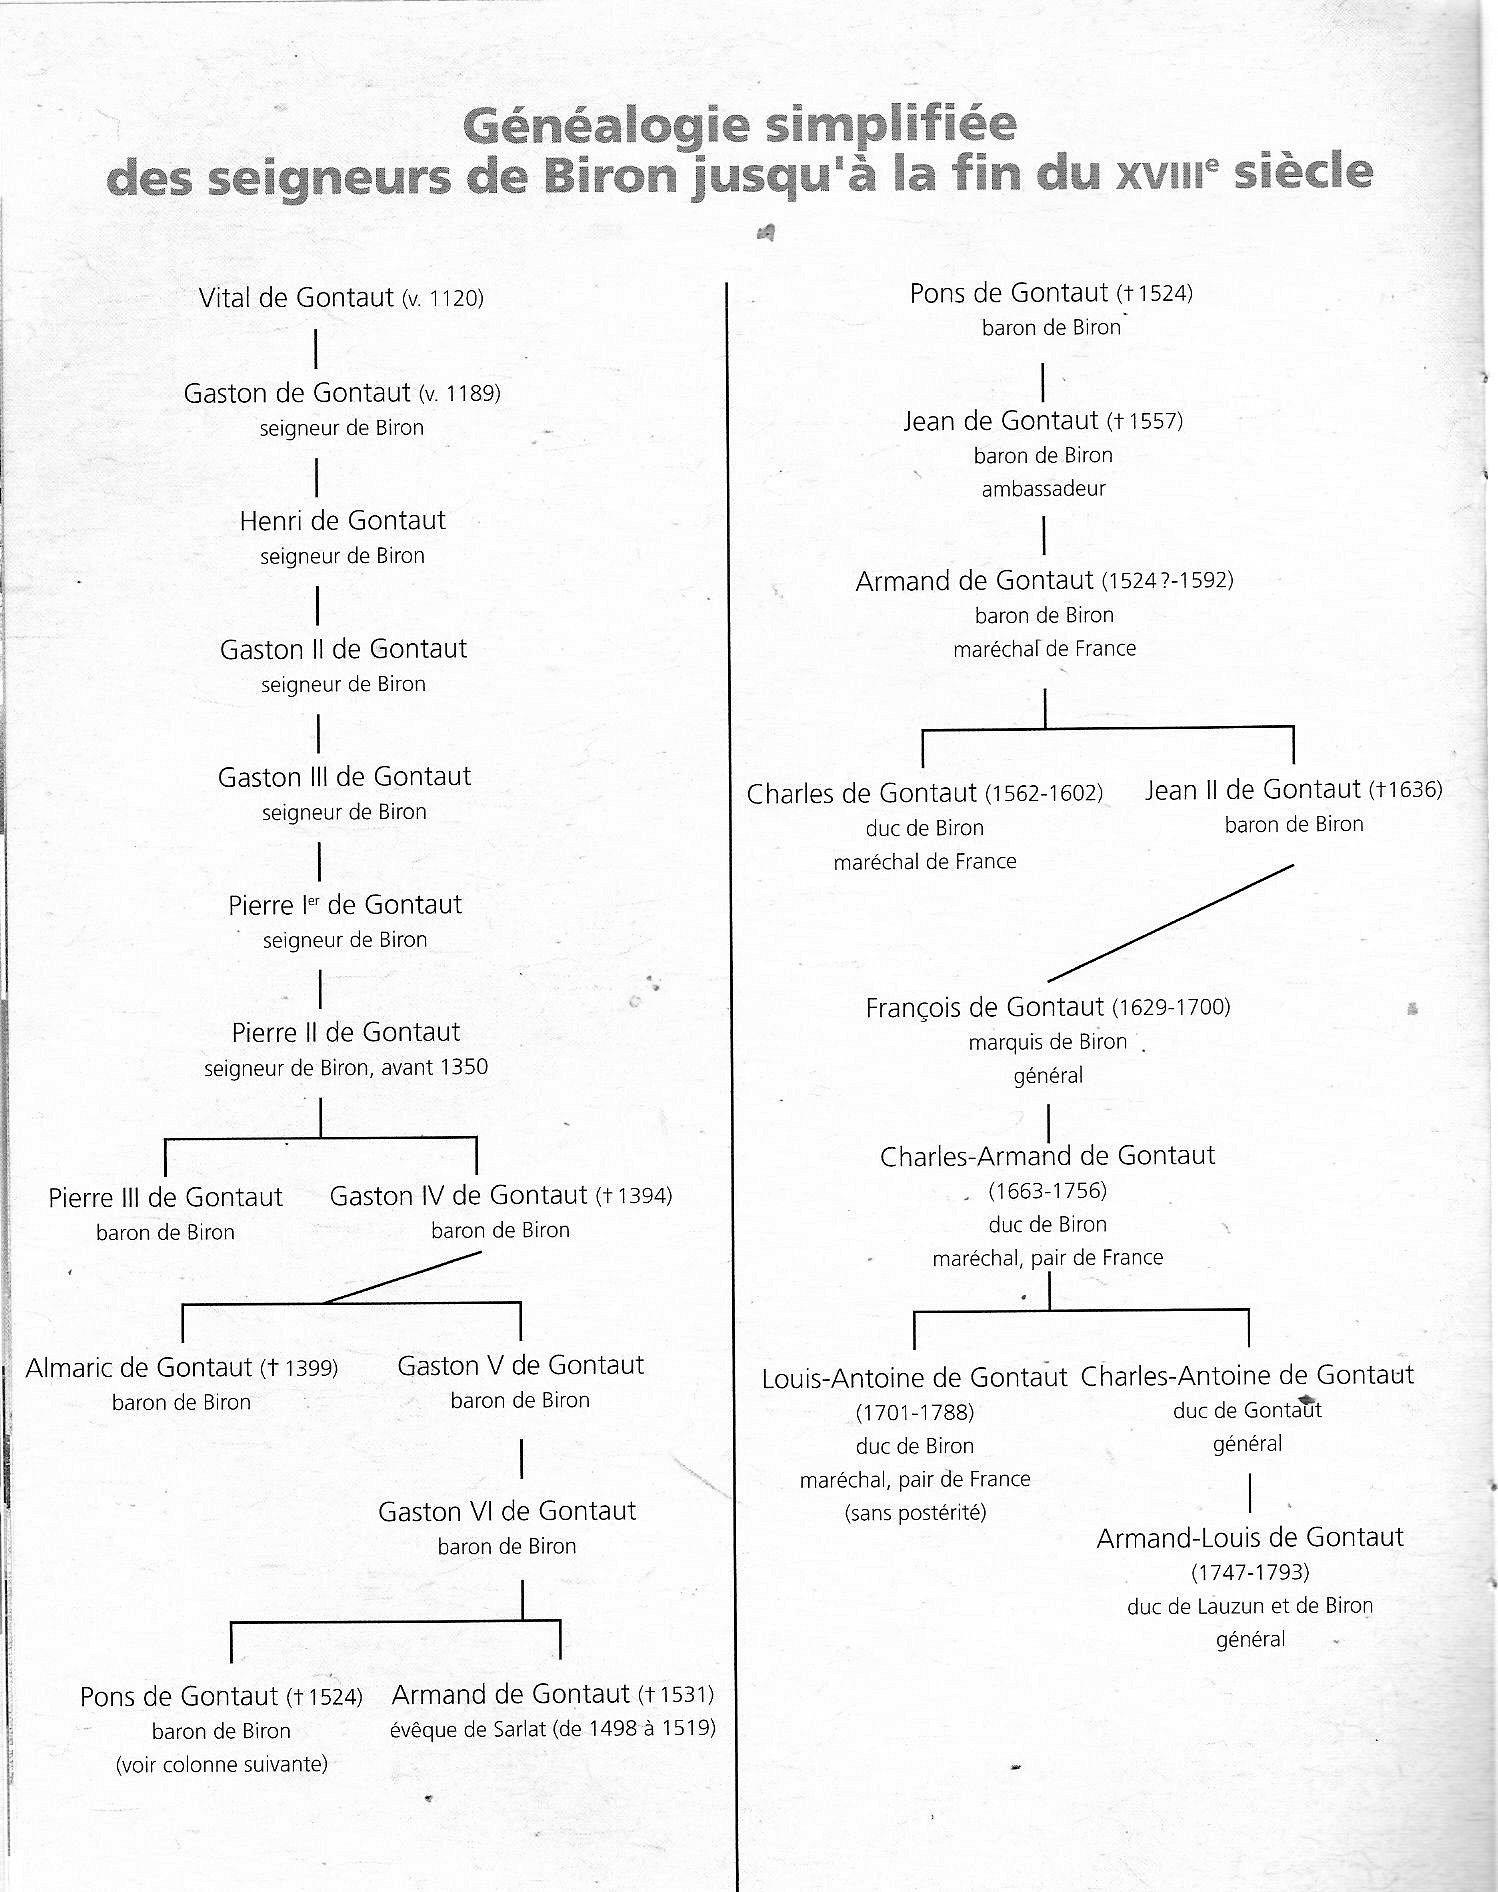 Généalogie simplifiée des seigneurs de Biron